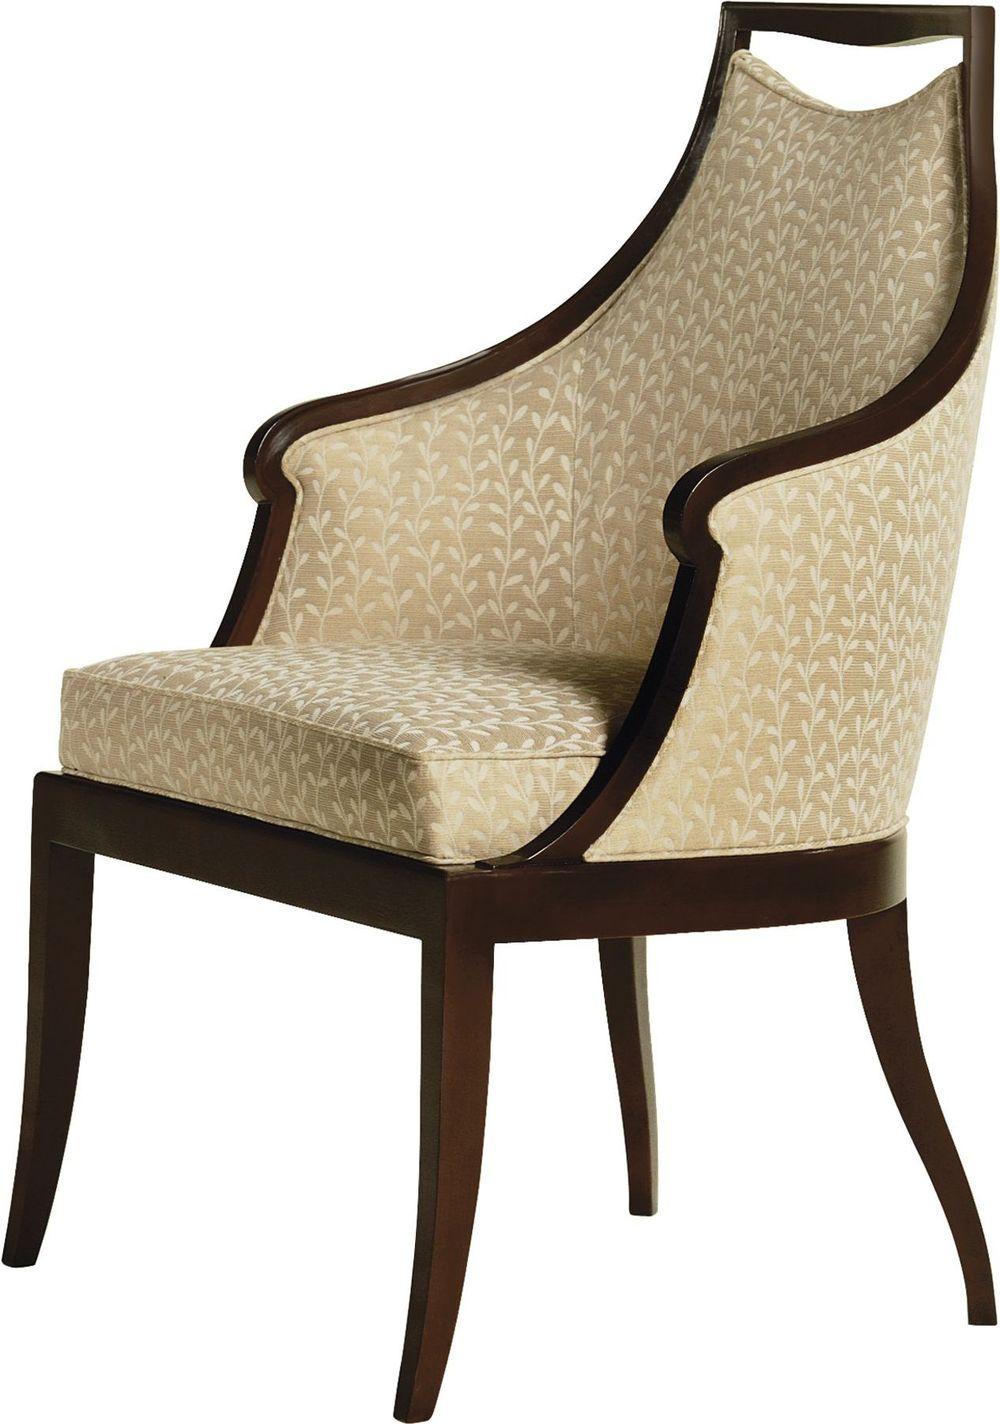 Baker Furniture - Malmaison Arm Chair